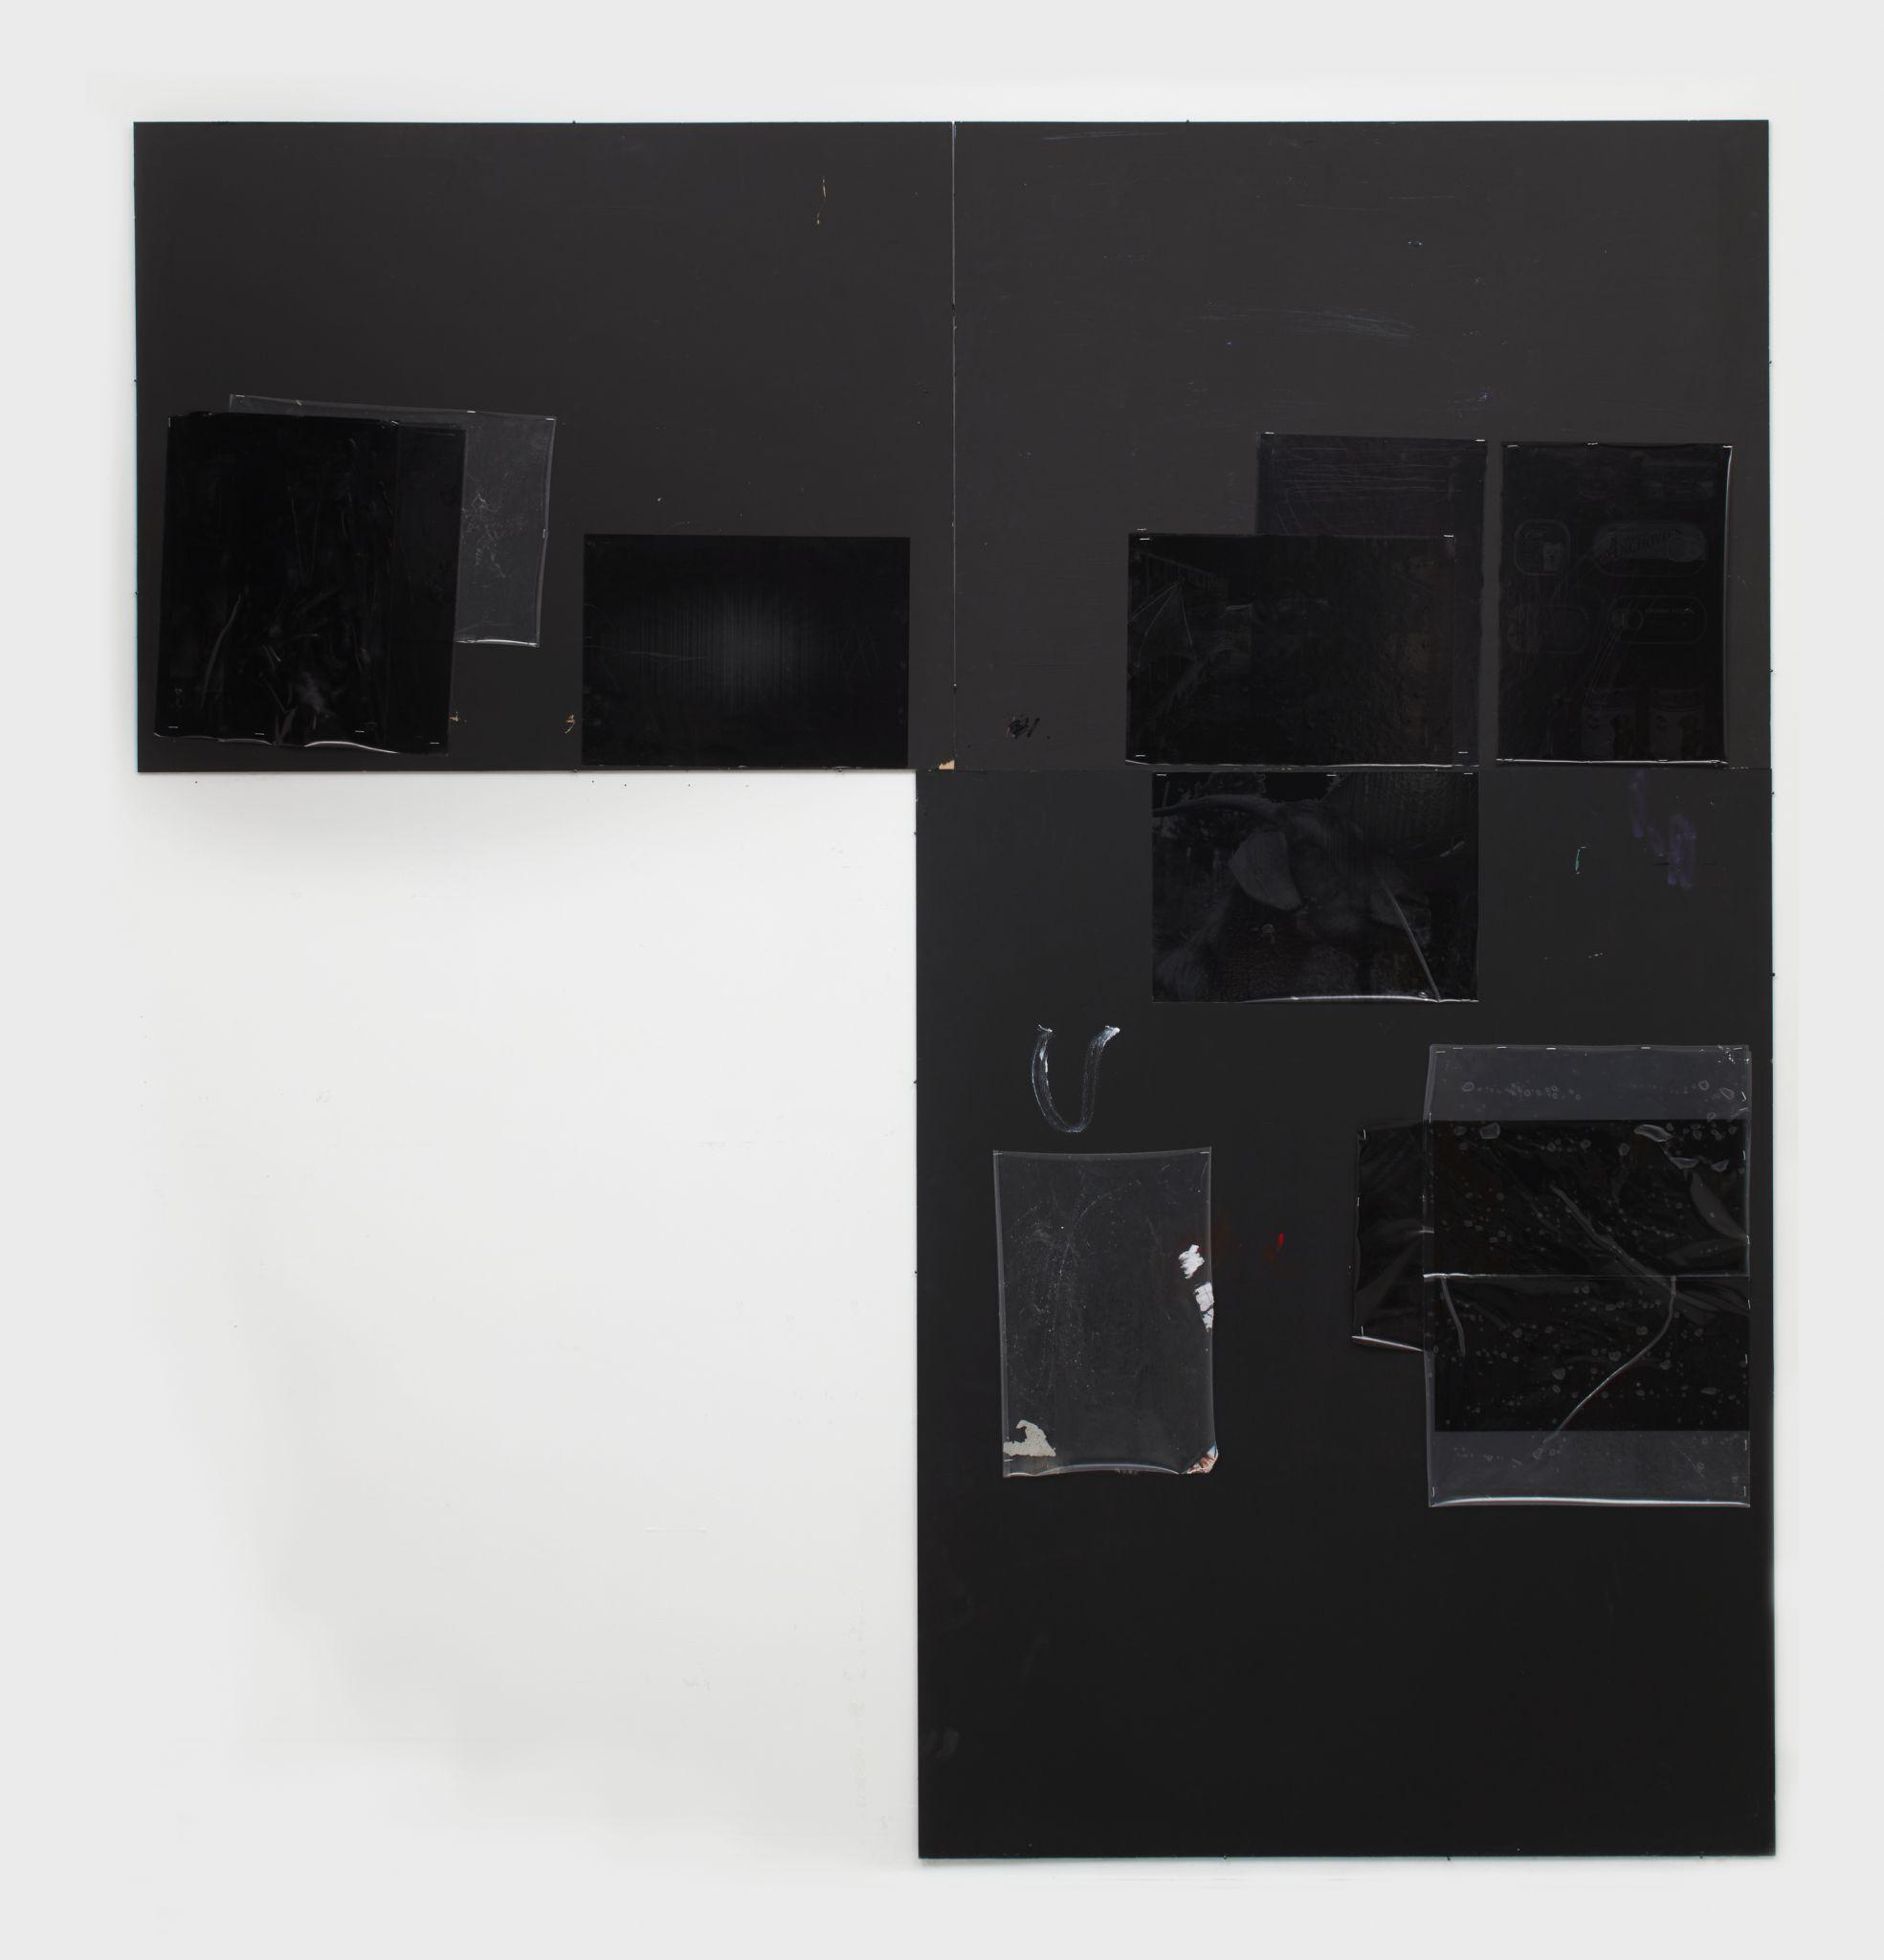 Henrik Olesen,<em>2</em>, 2016. Cortesia do artista